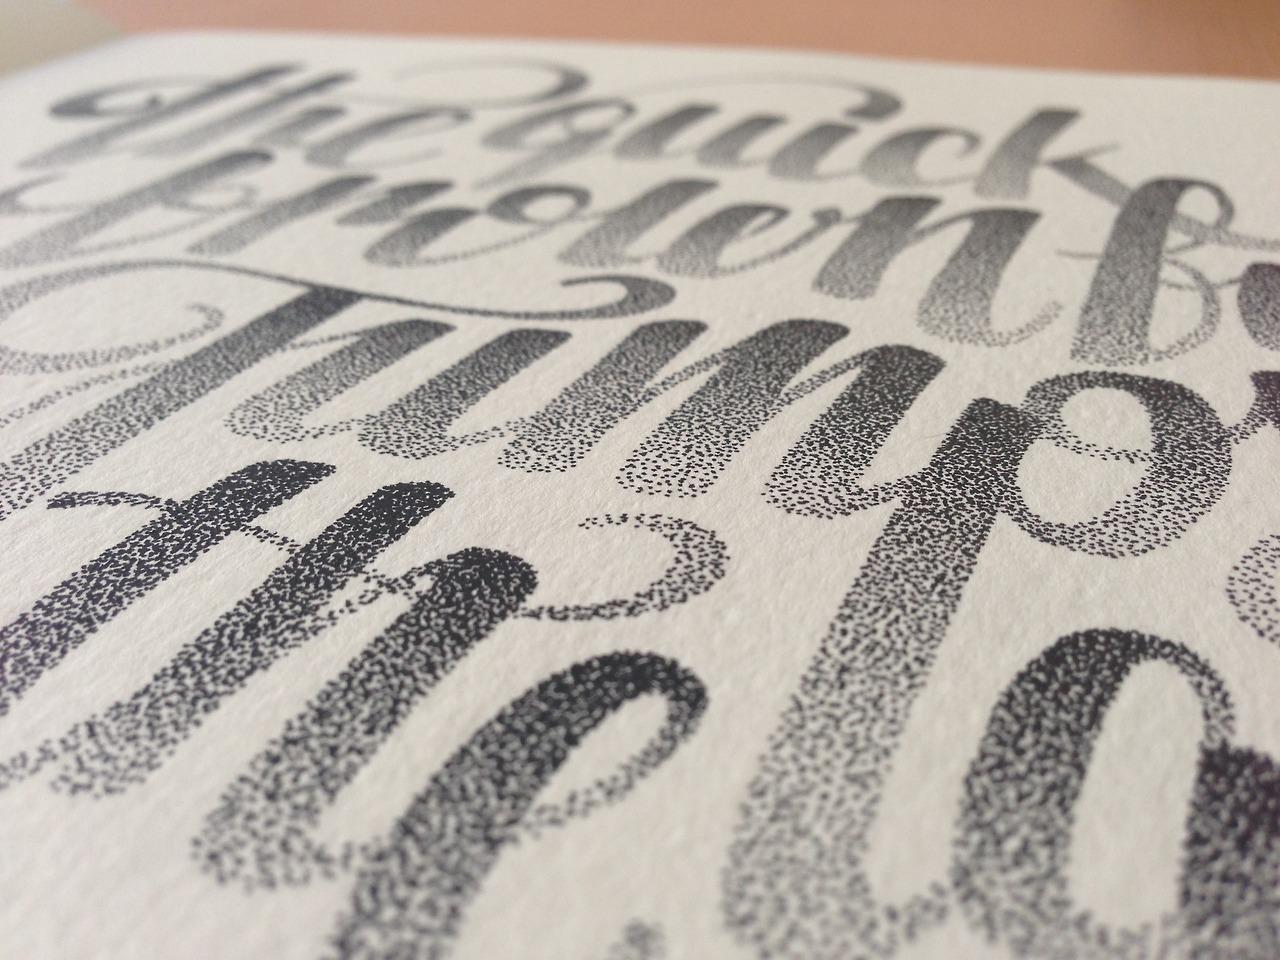 xavier-casalta-typography-oldskull-2